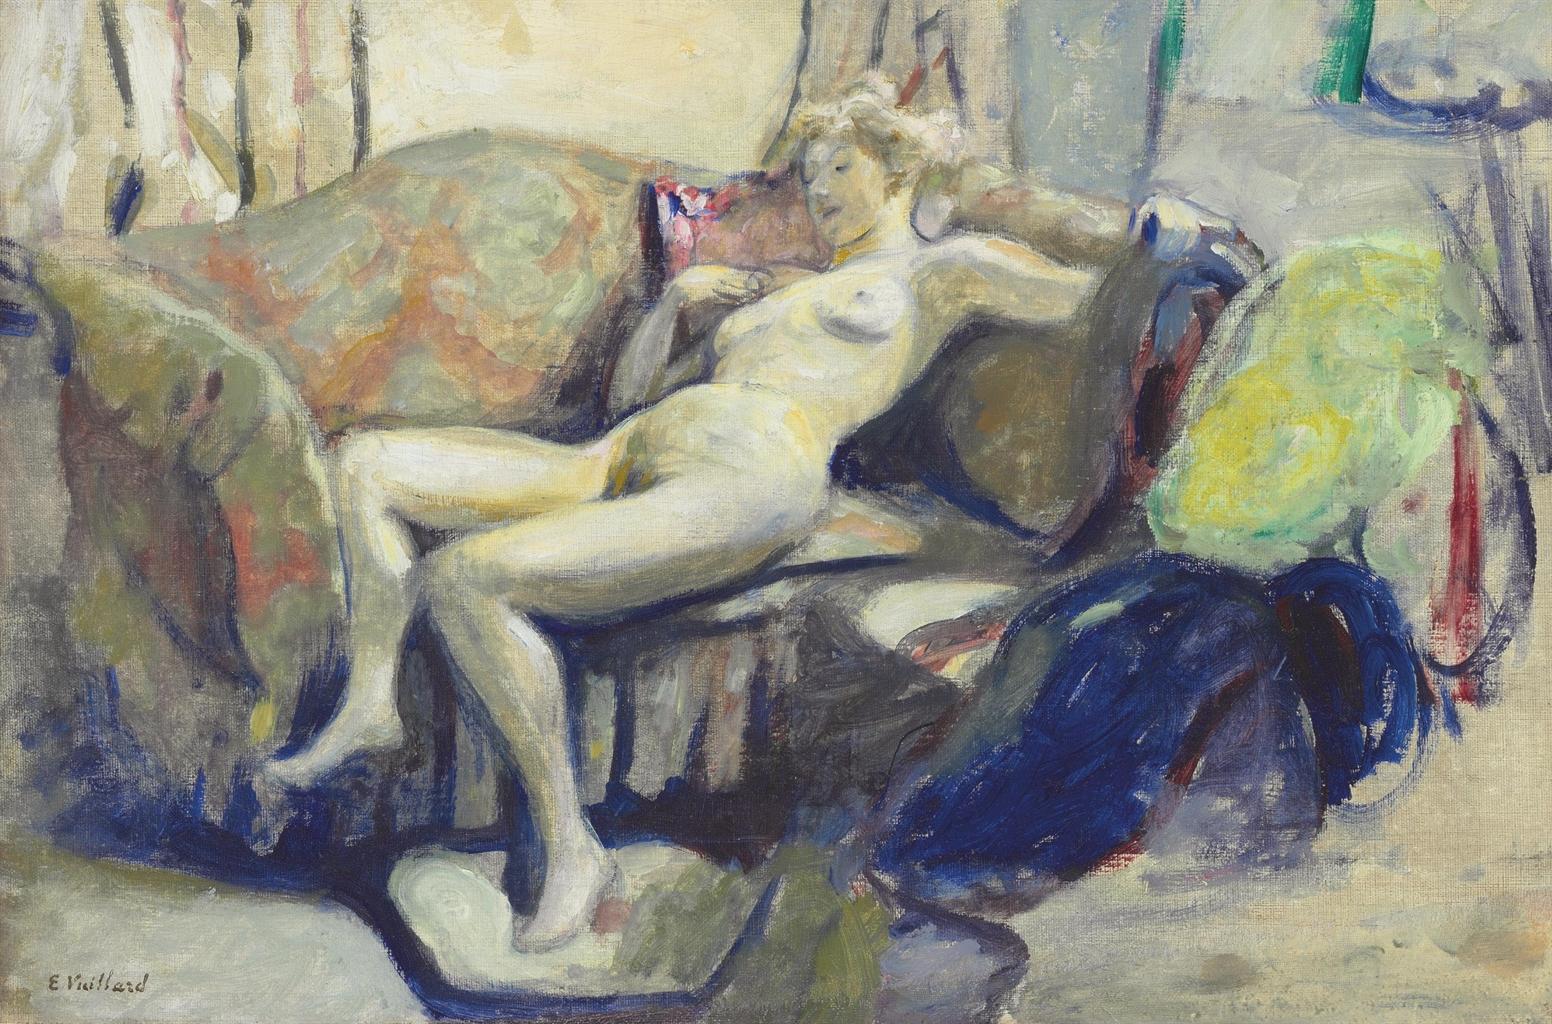 Edouard Vuillard-Nu etendu sur un canape-1905